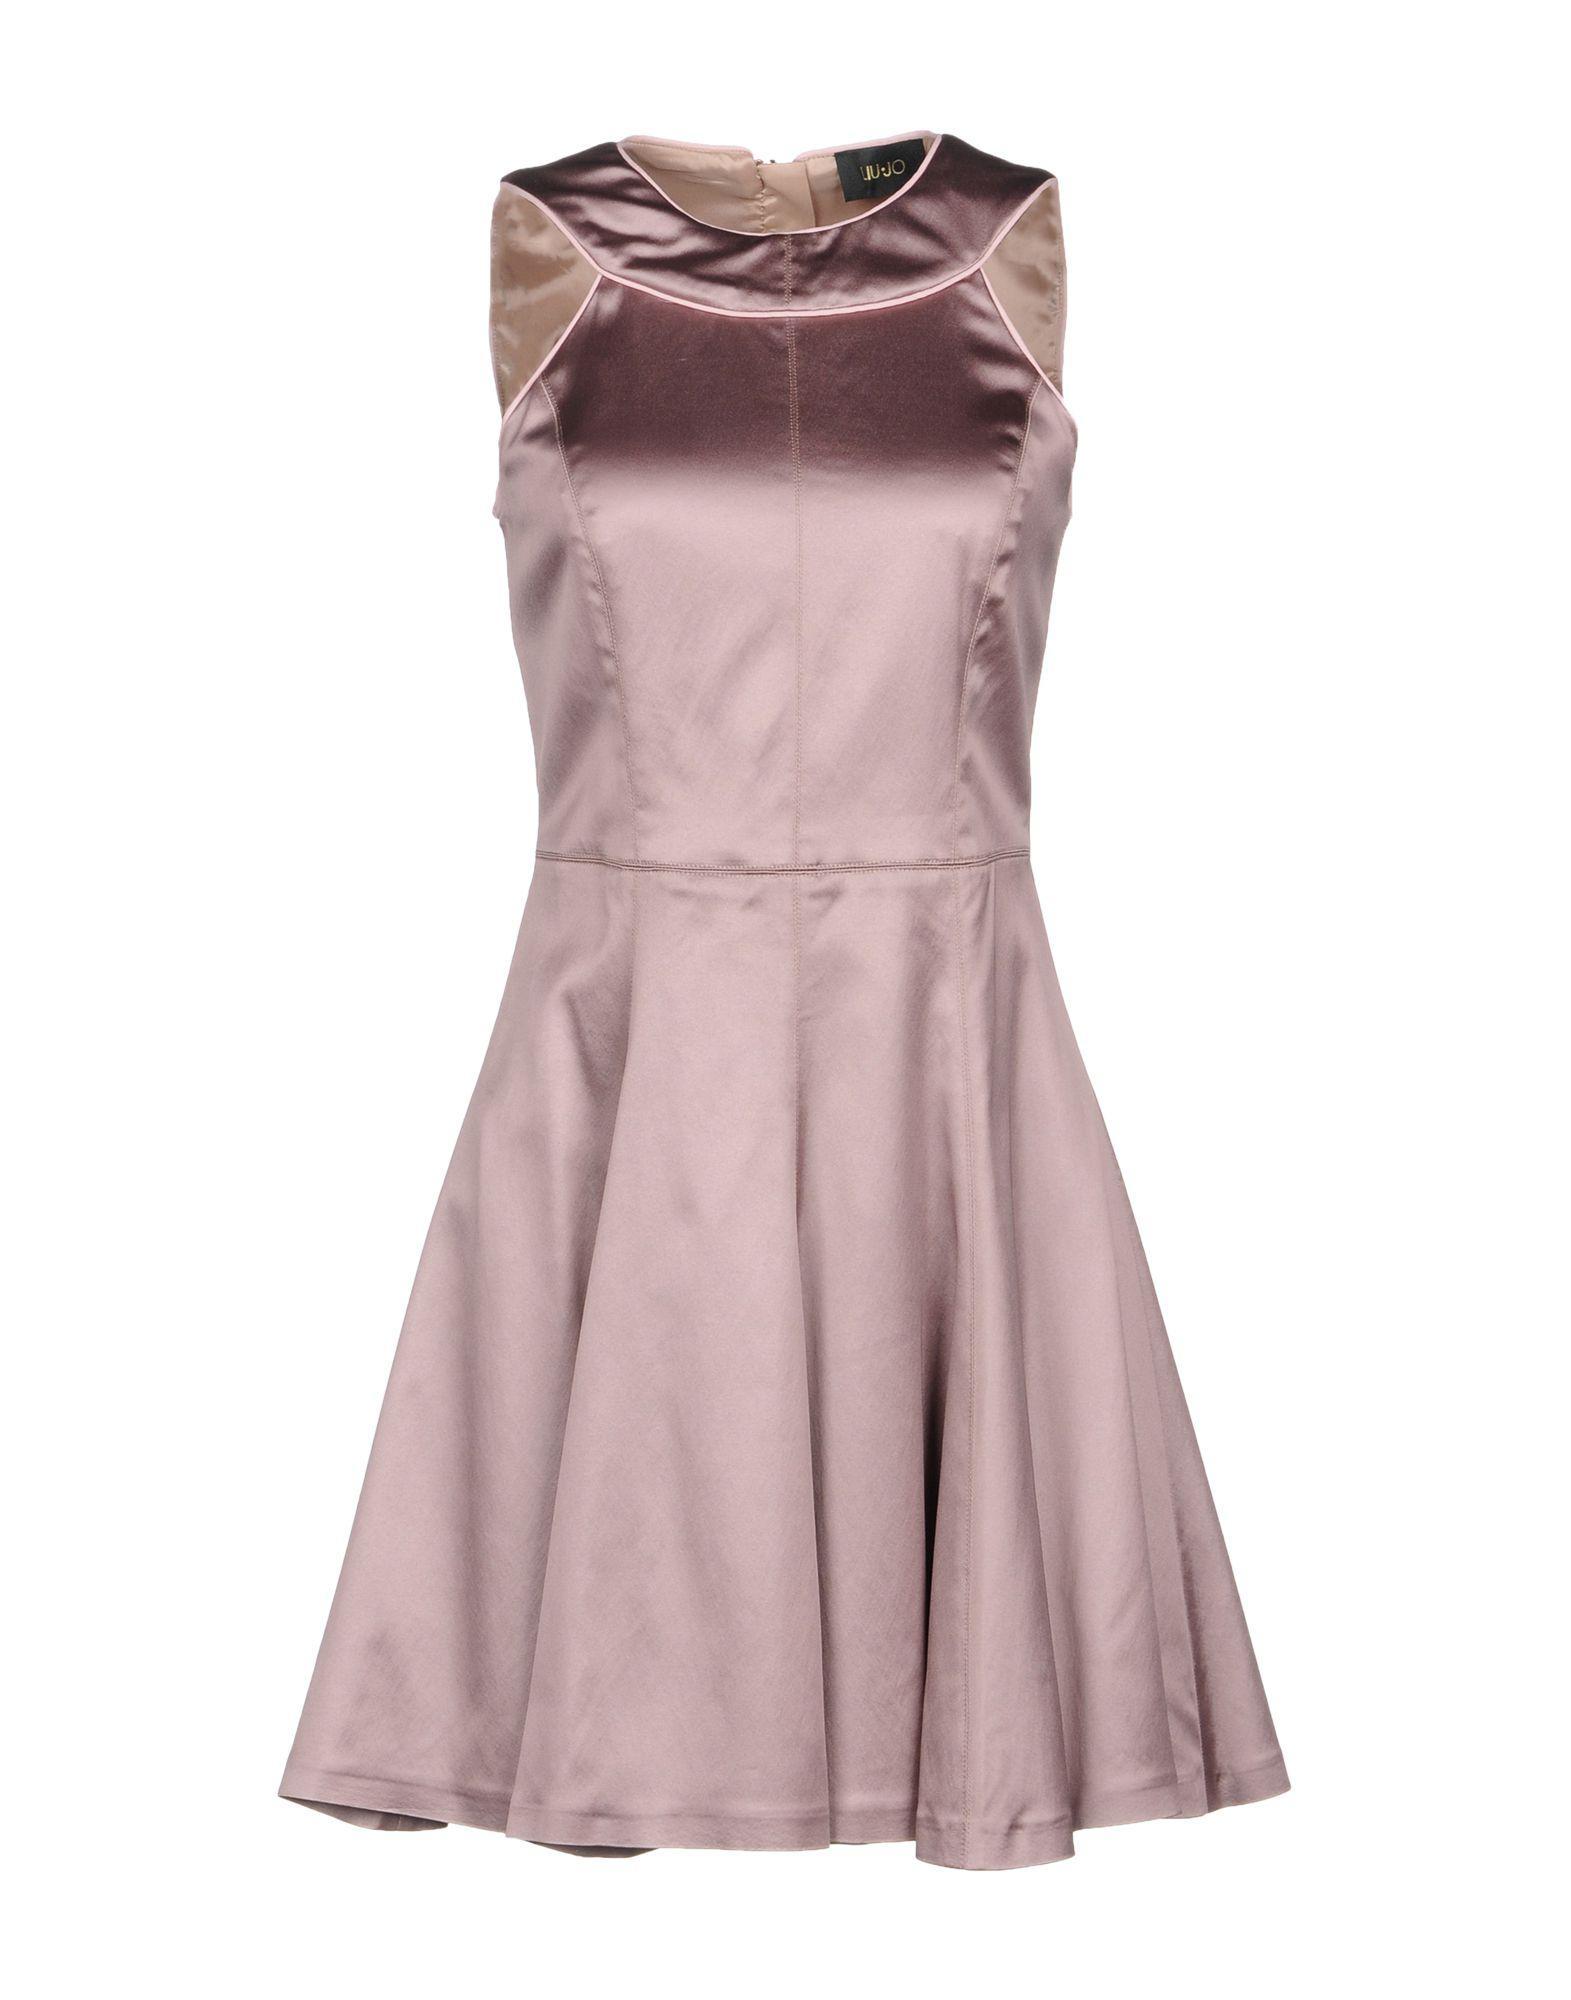 Liu •jo Short Dress In Pale Pink